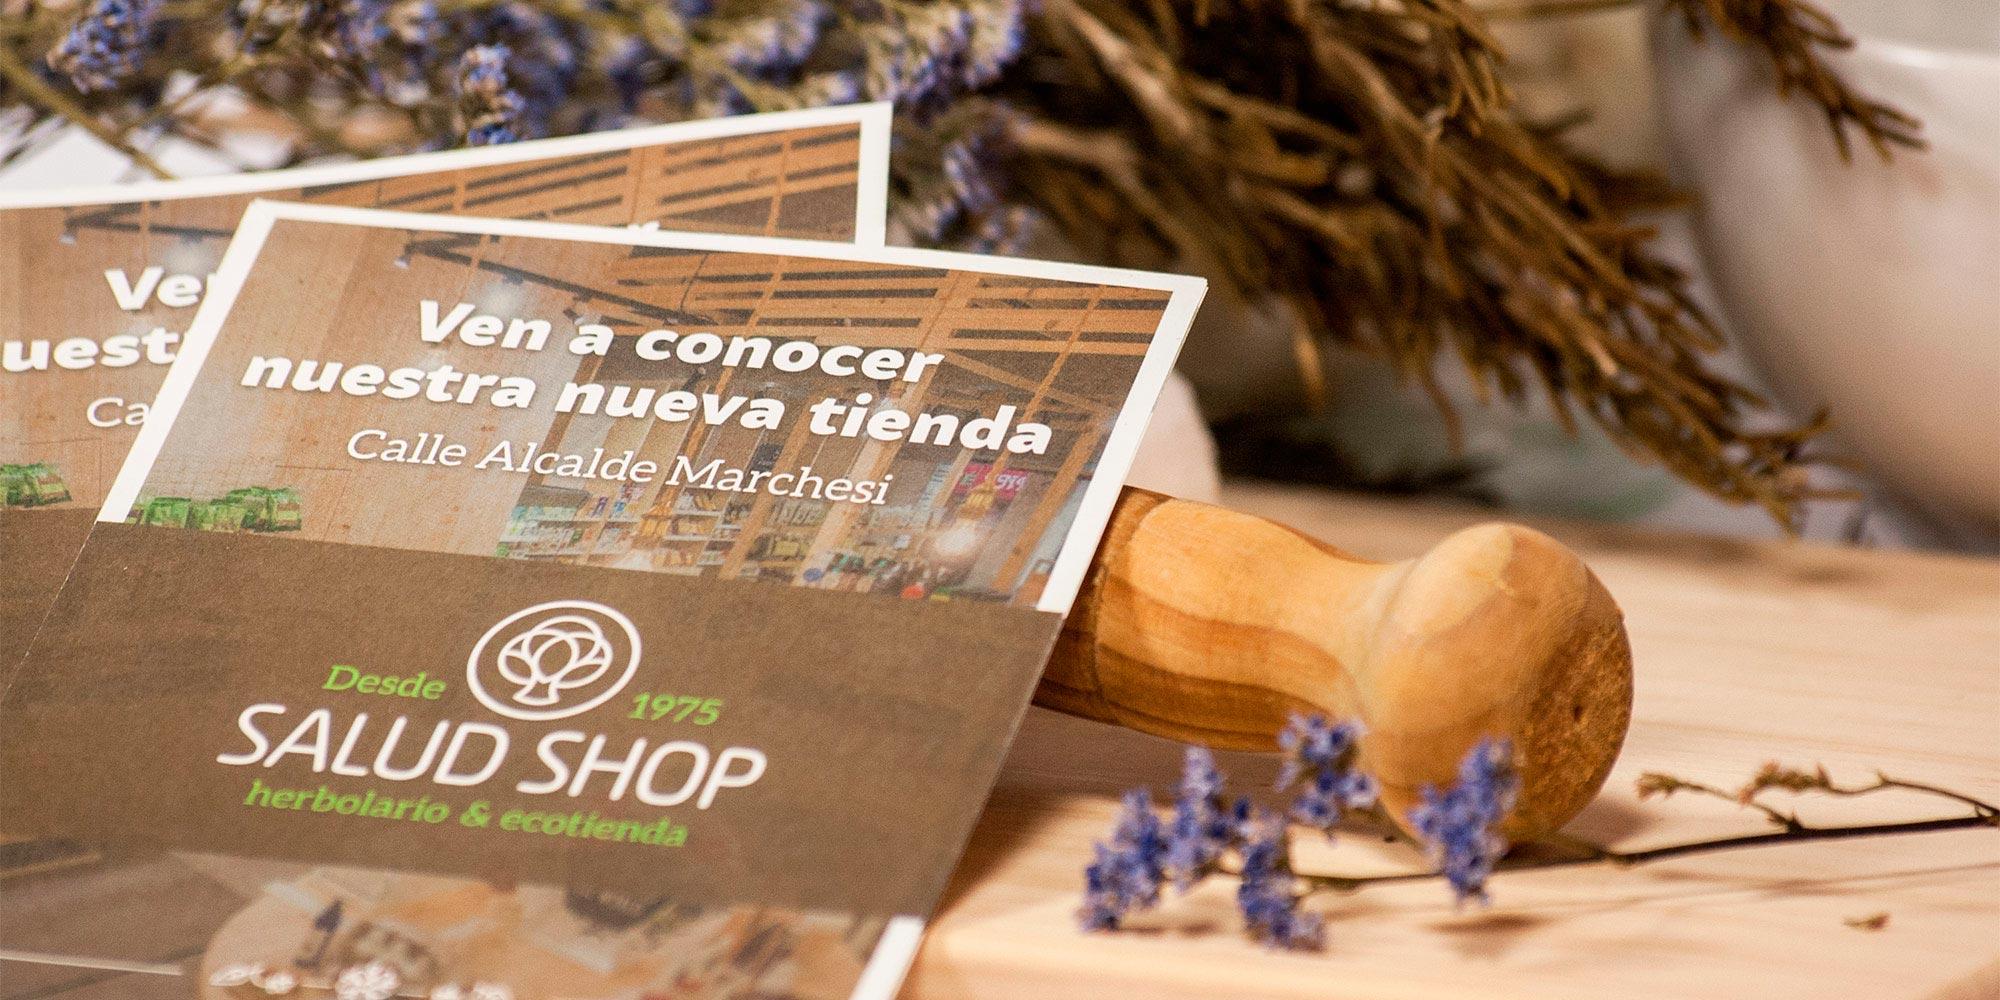 Diseño de flyer para anunciar la apertura de la nueva tienda en A Coruña